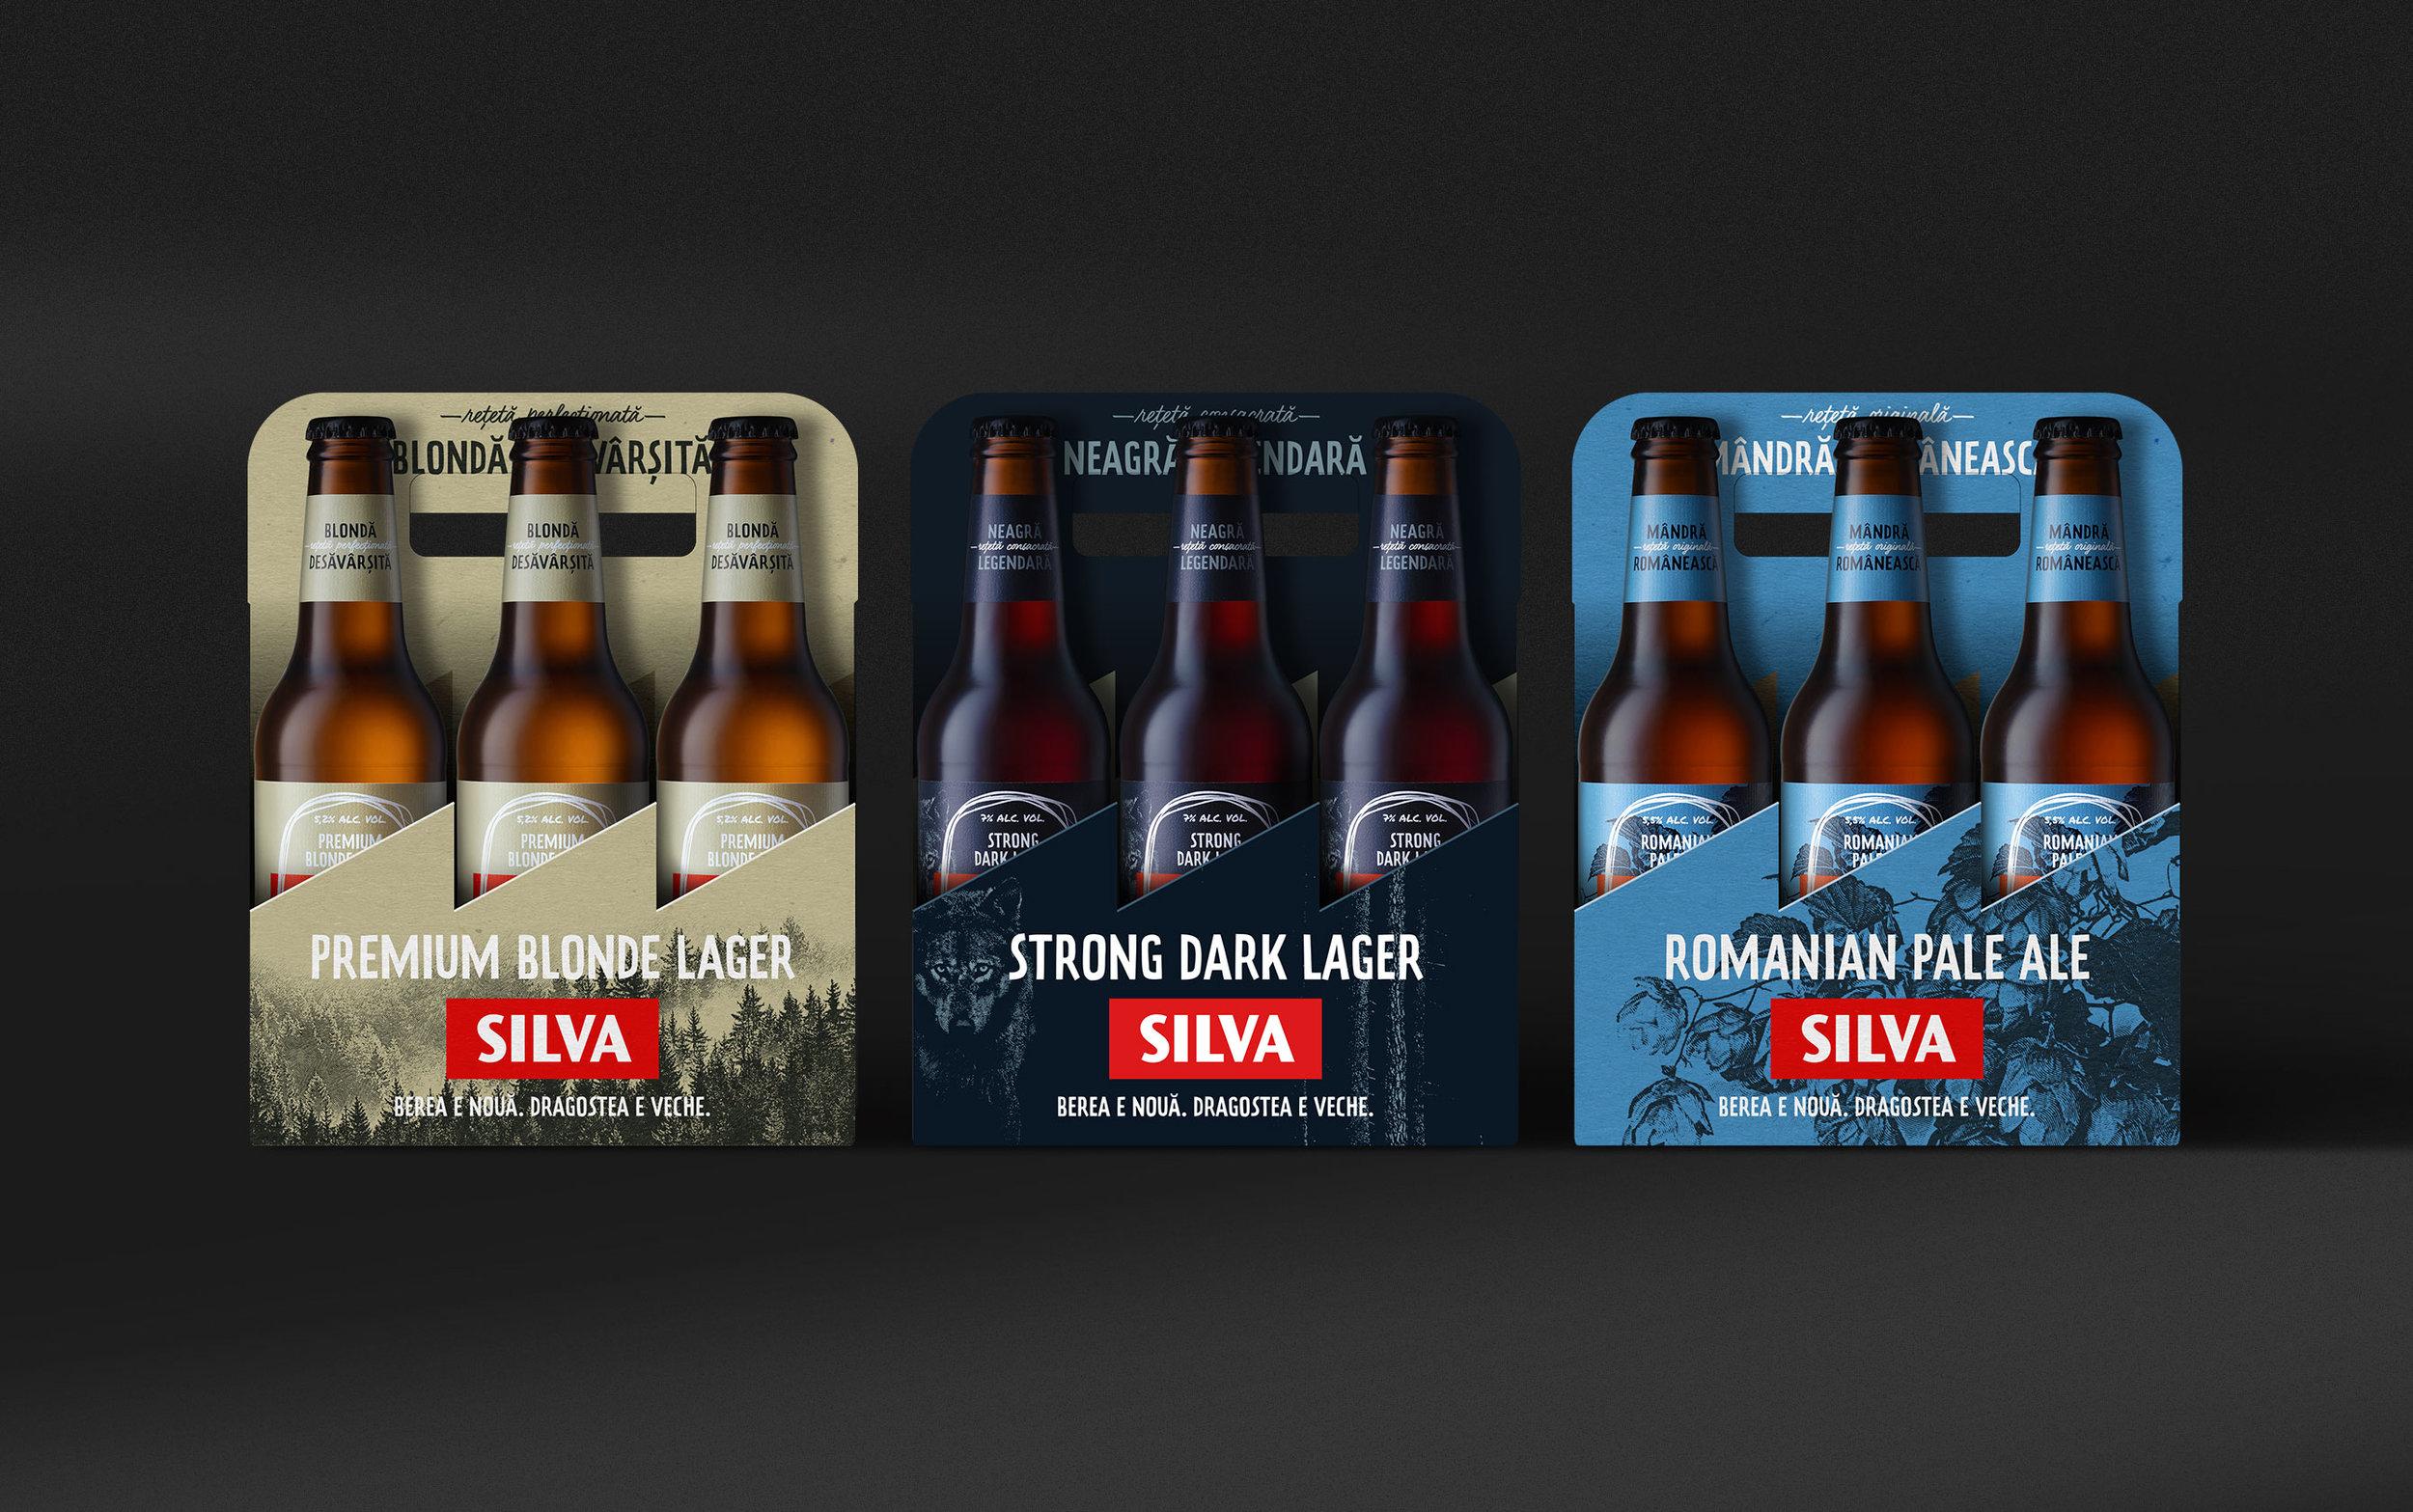 08-Silva-carriers-Packaging-Design-by-Brandient.jpg